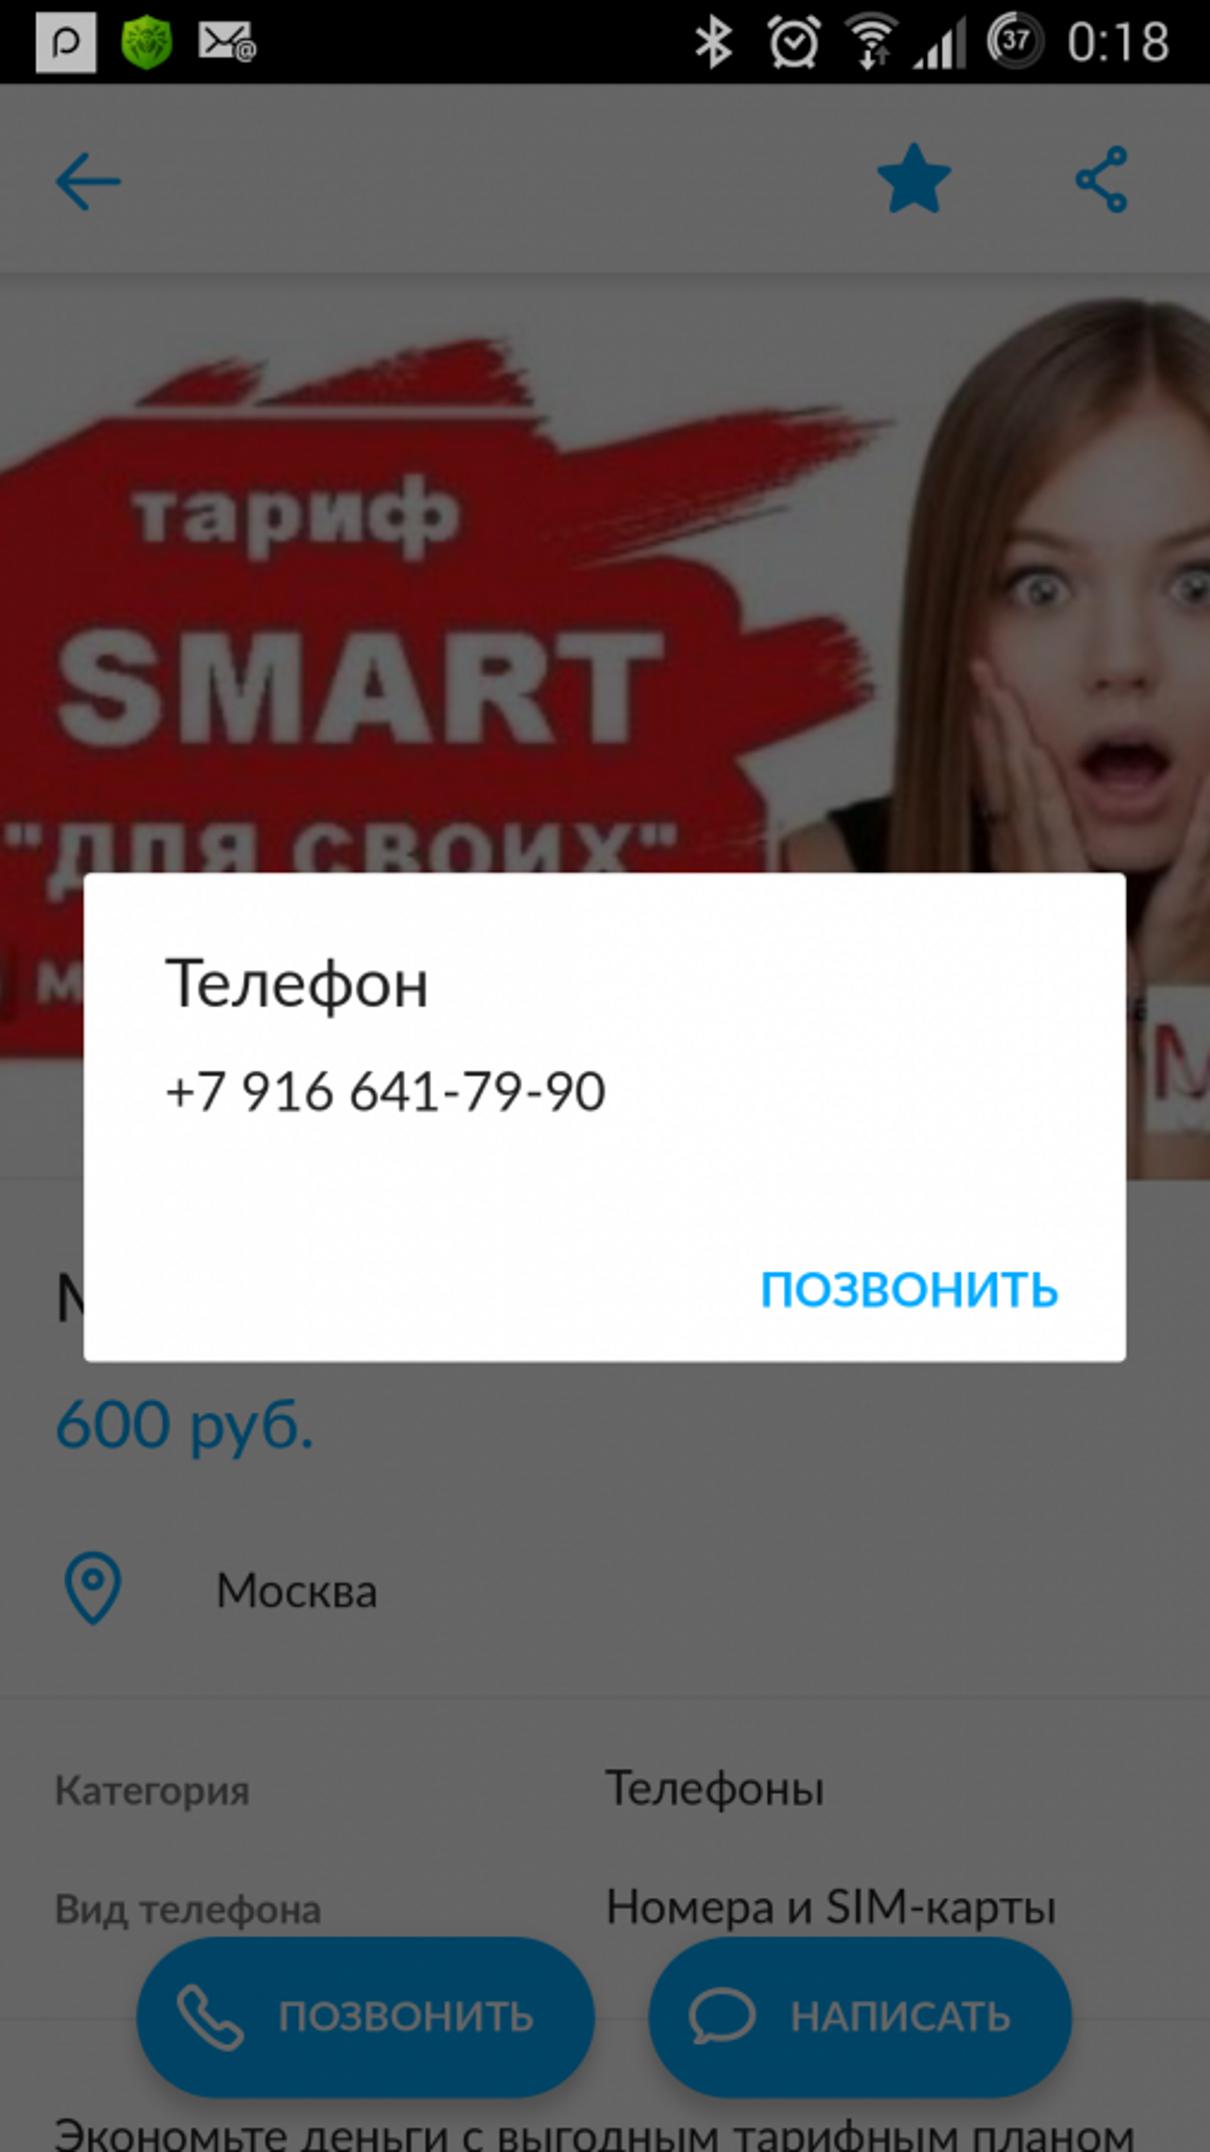 Жалоба-отзыв: Дмитрий - Неудачная смена тарифа на Smart для своих